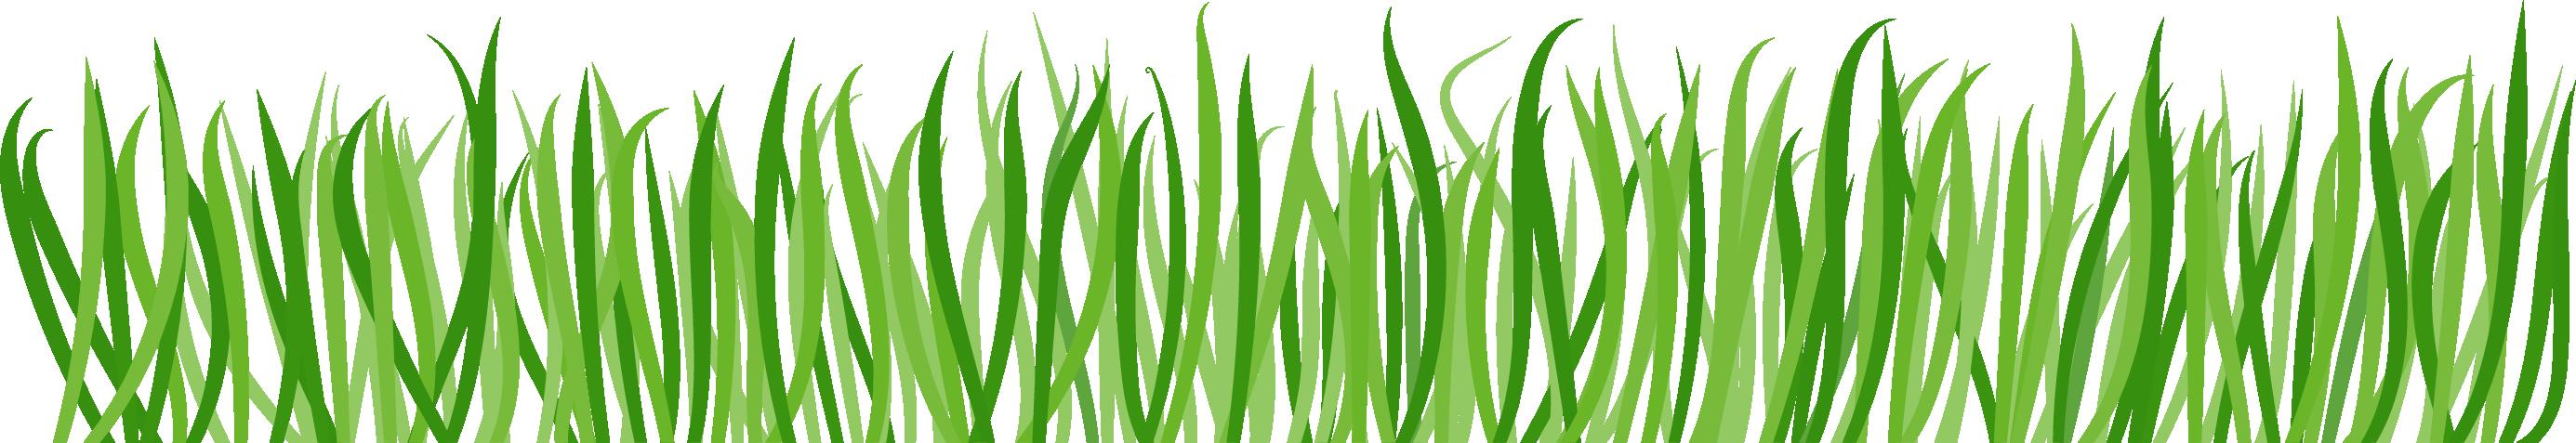 Grass png images a. Farm clipart pasture